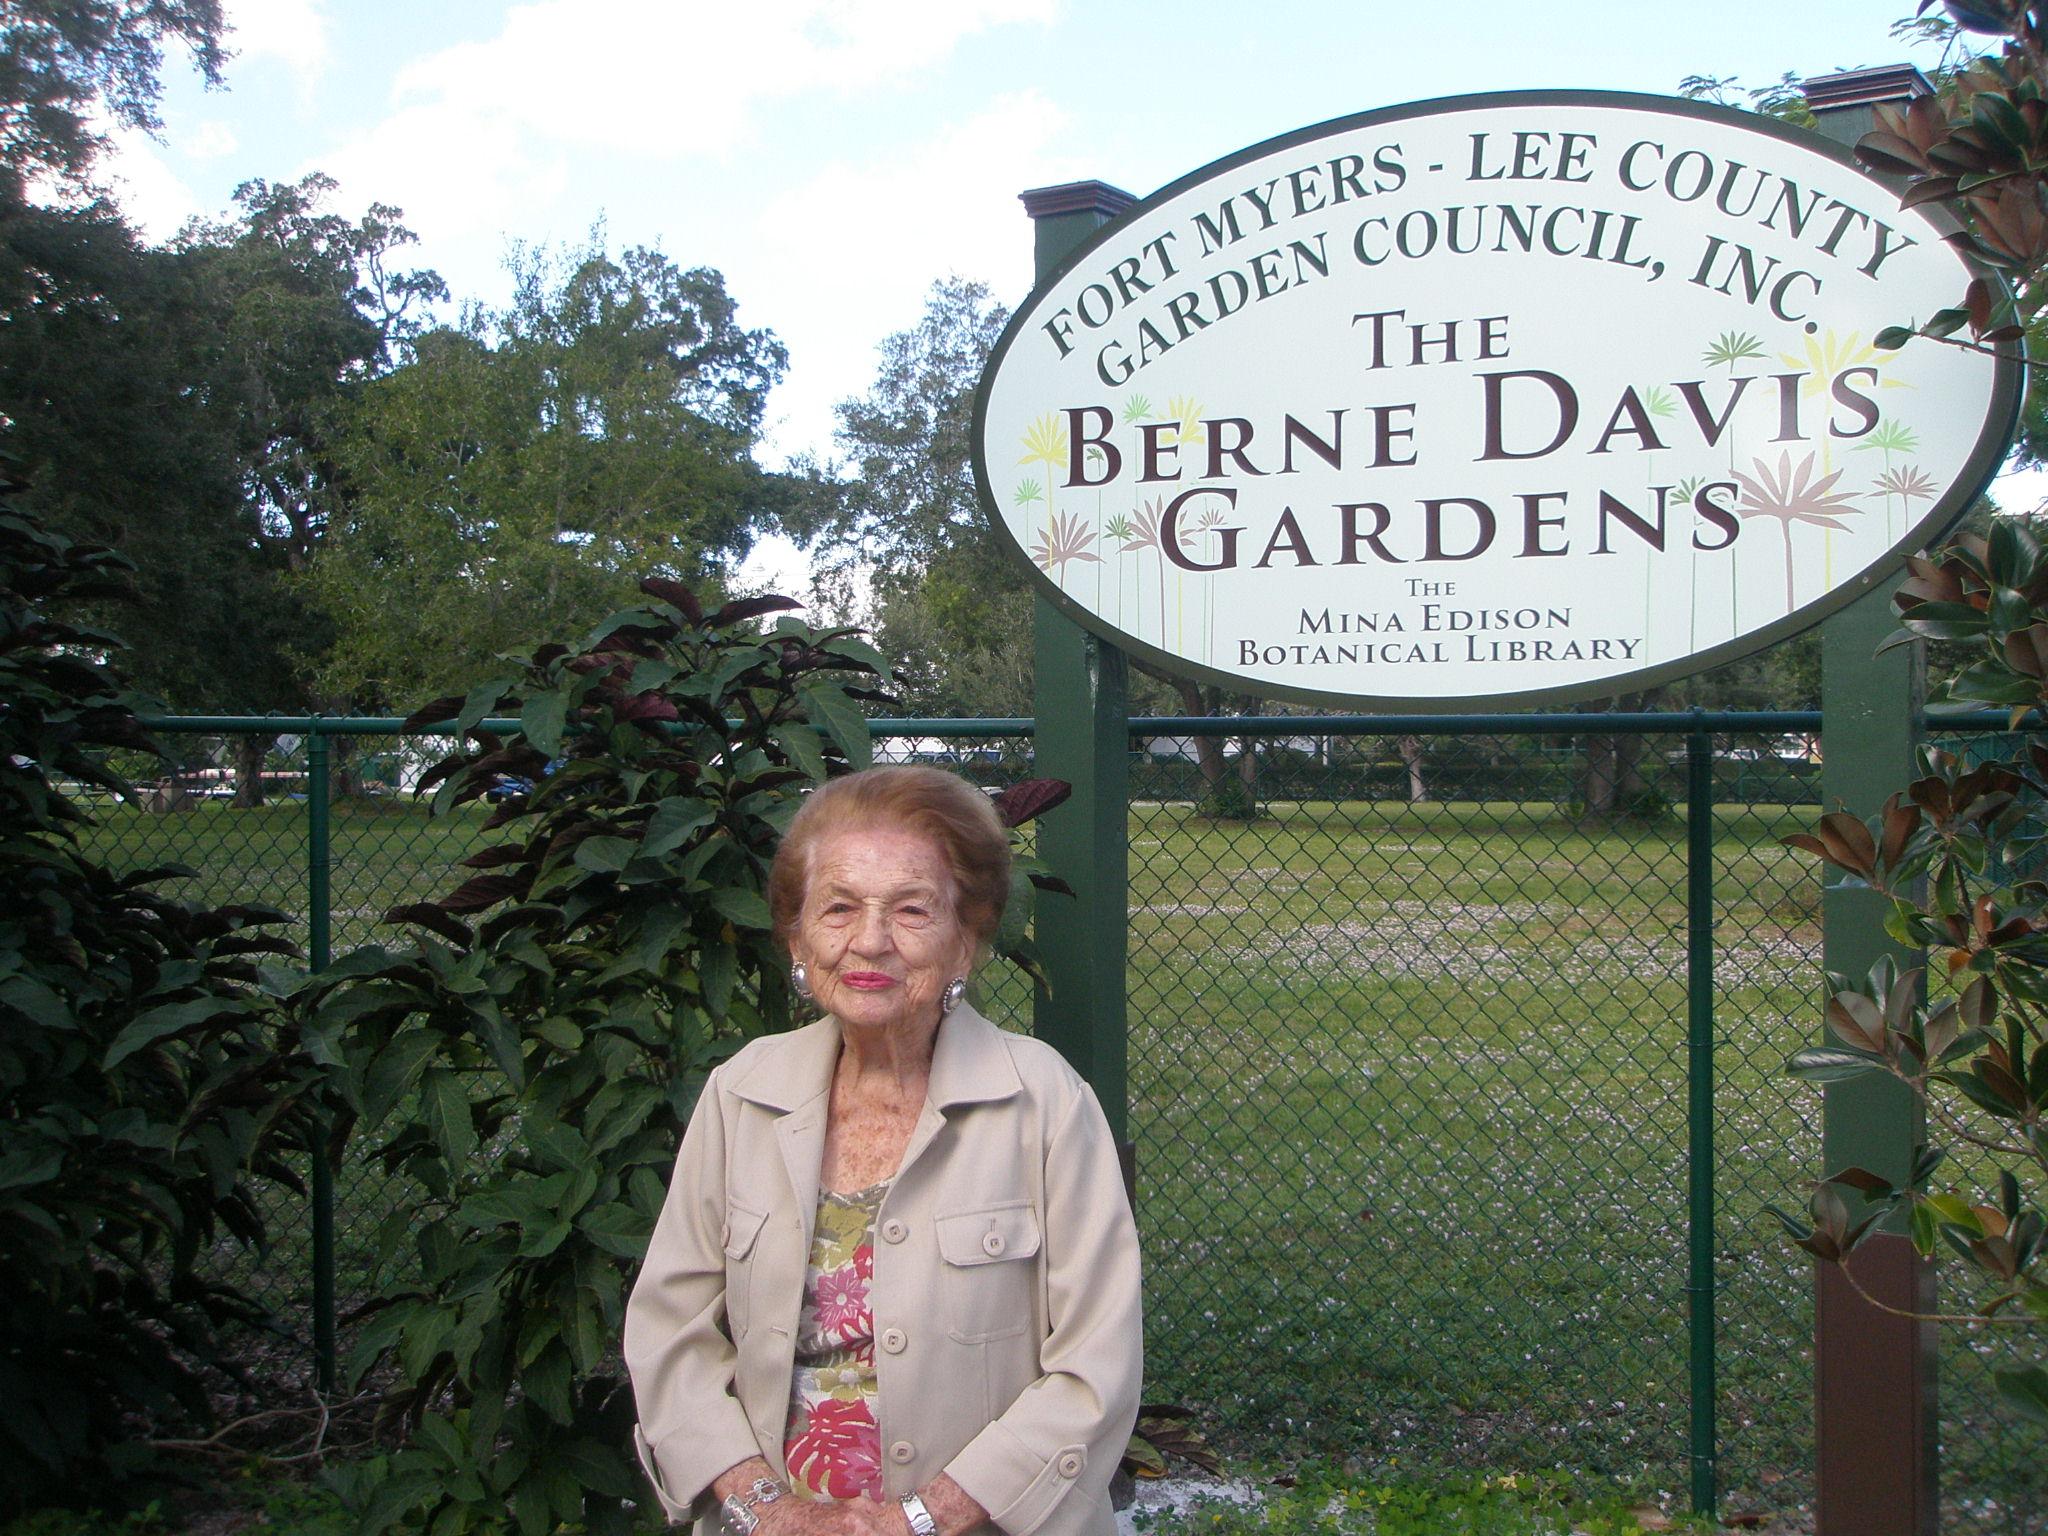 Berne Davis Gardens